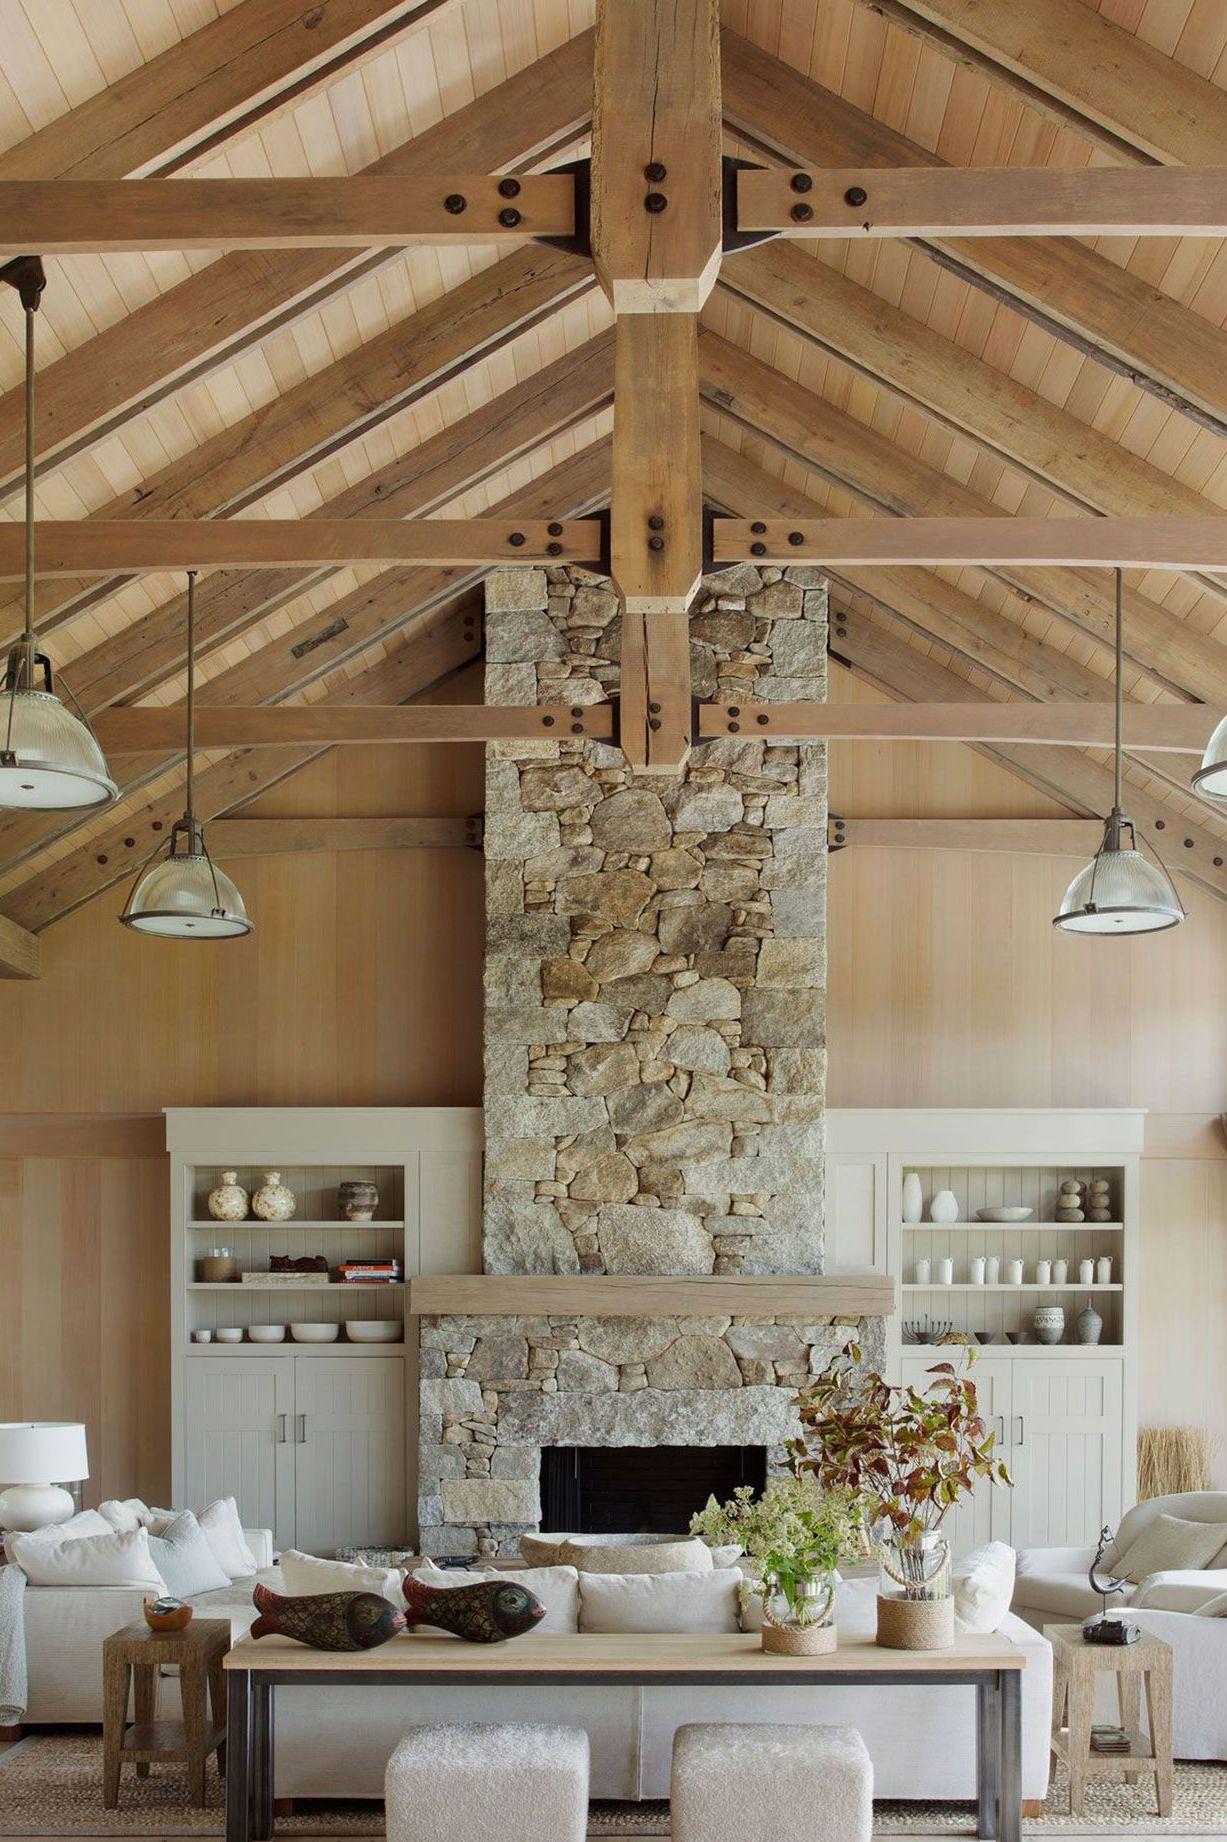 un-salon-rustique-chic-avec-hauteur-sous-plafond-type-cathedrale_Eric-Roth_Cote-maiosn